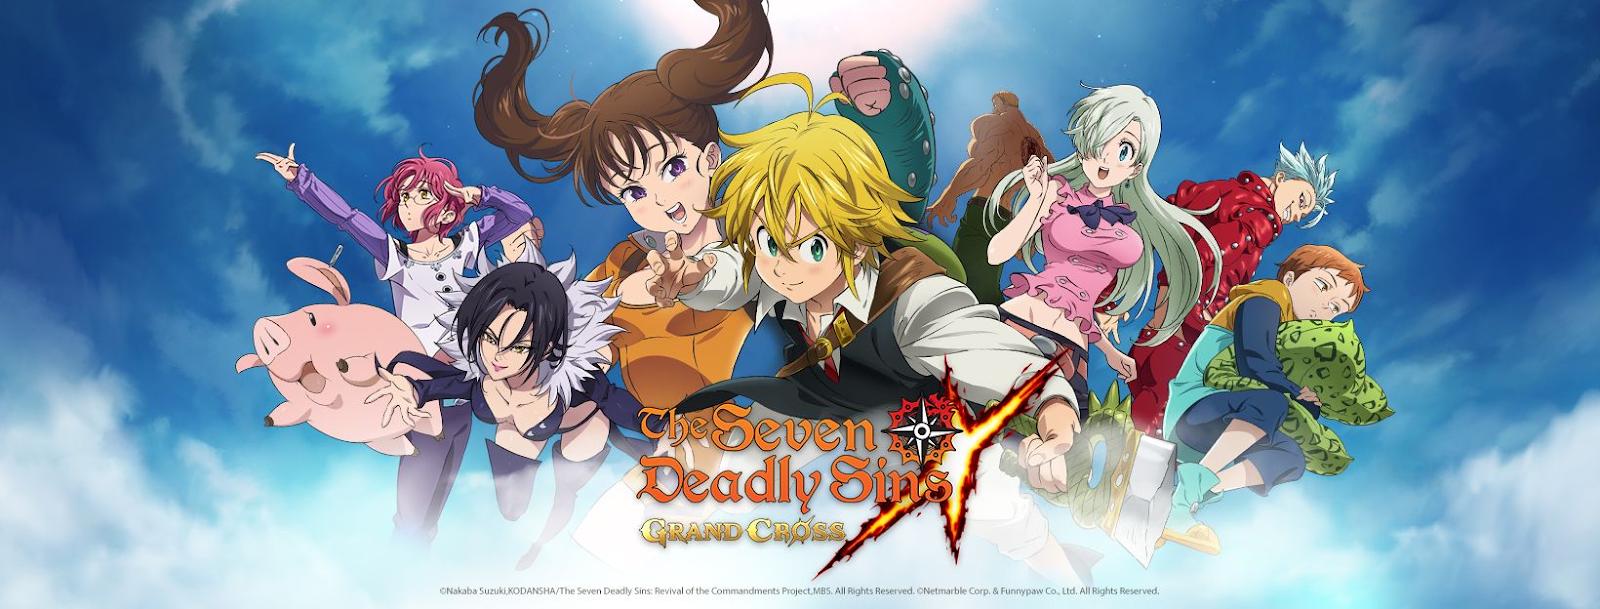 Tin vui cho cộng đồng yêu thích Manga Việt, Thất Hình Đại Tội: Grand Cross đã xác nhận thời điểm ra mắt chính thức trên Mobile - Ảnh 1.